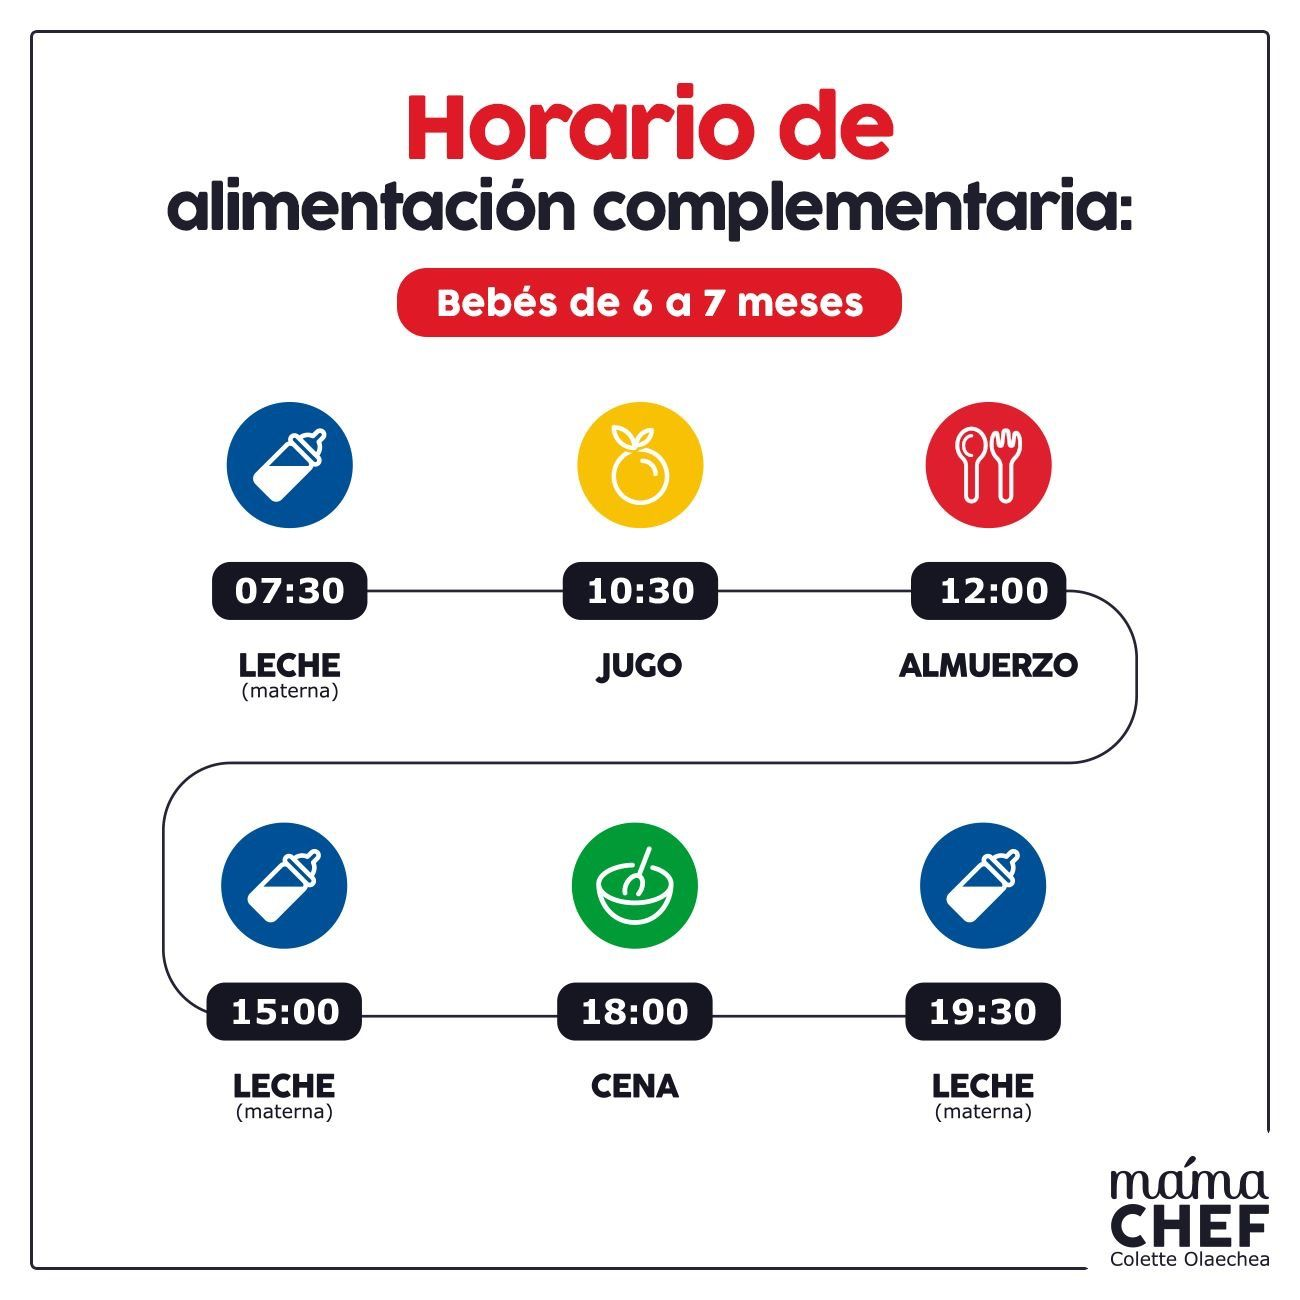 Horarios Para Bebes Alimentacion Complementaria De 6 Meses A Mas